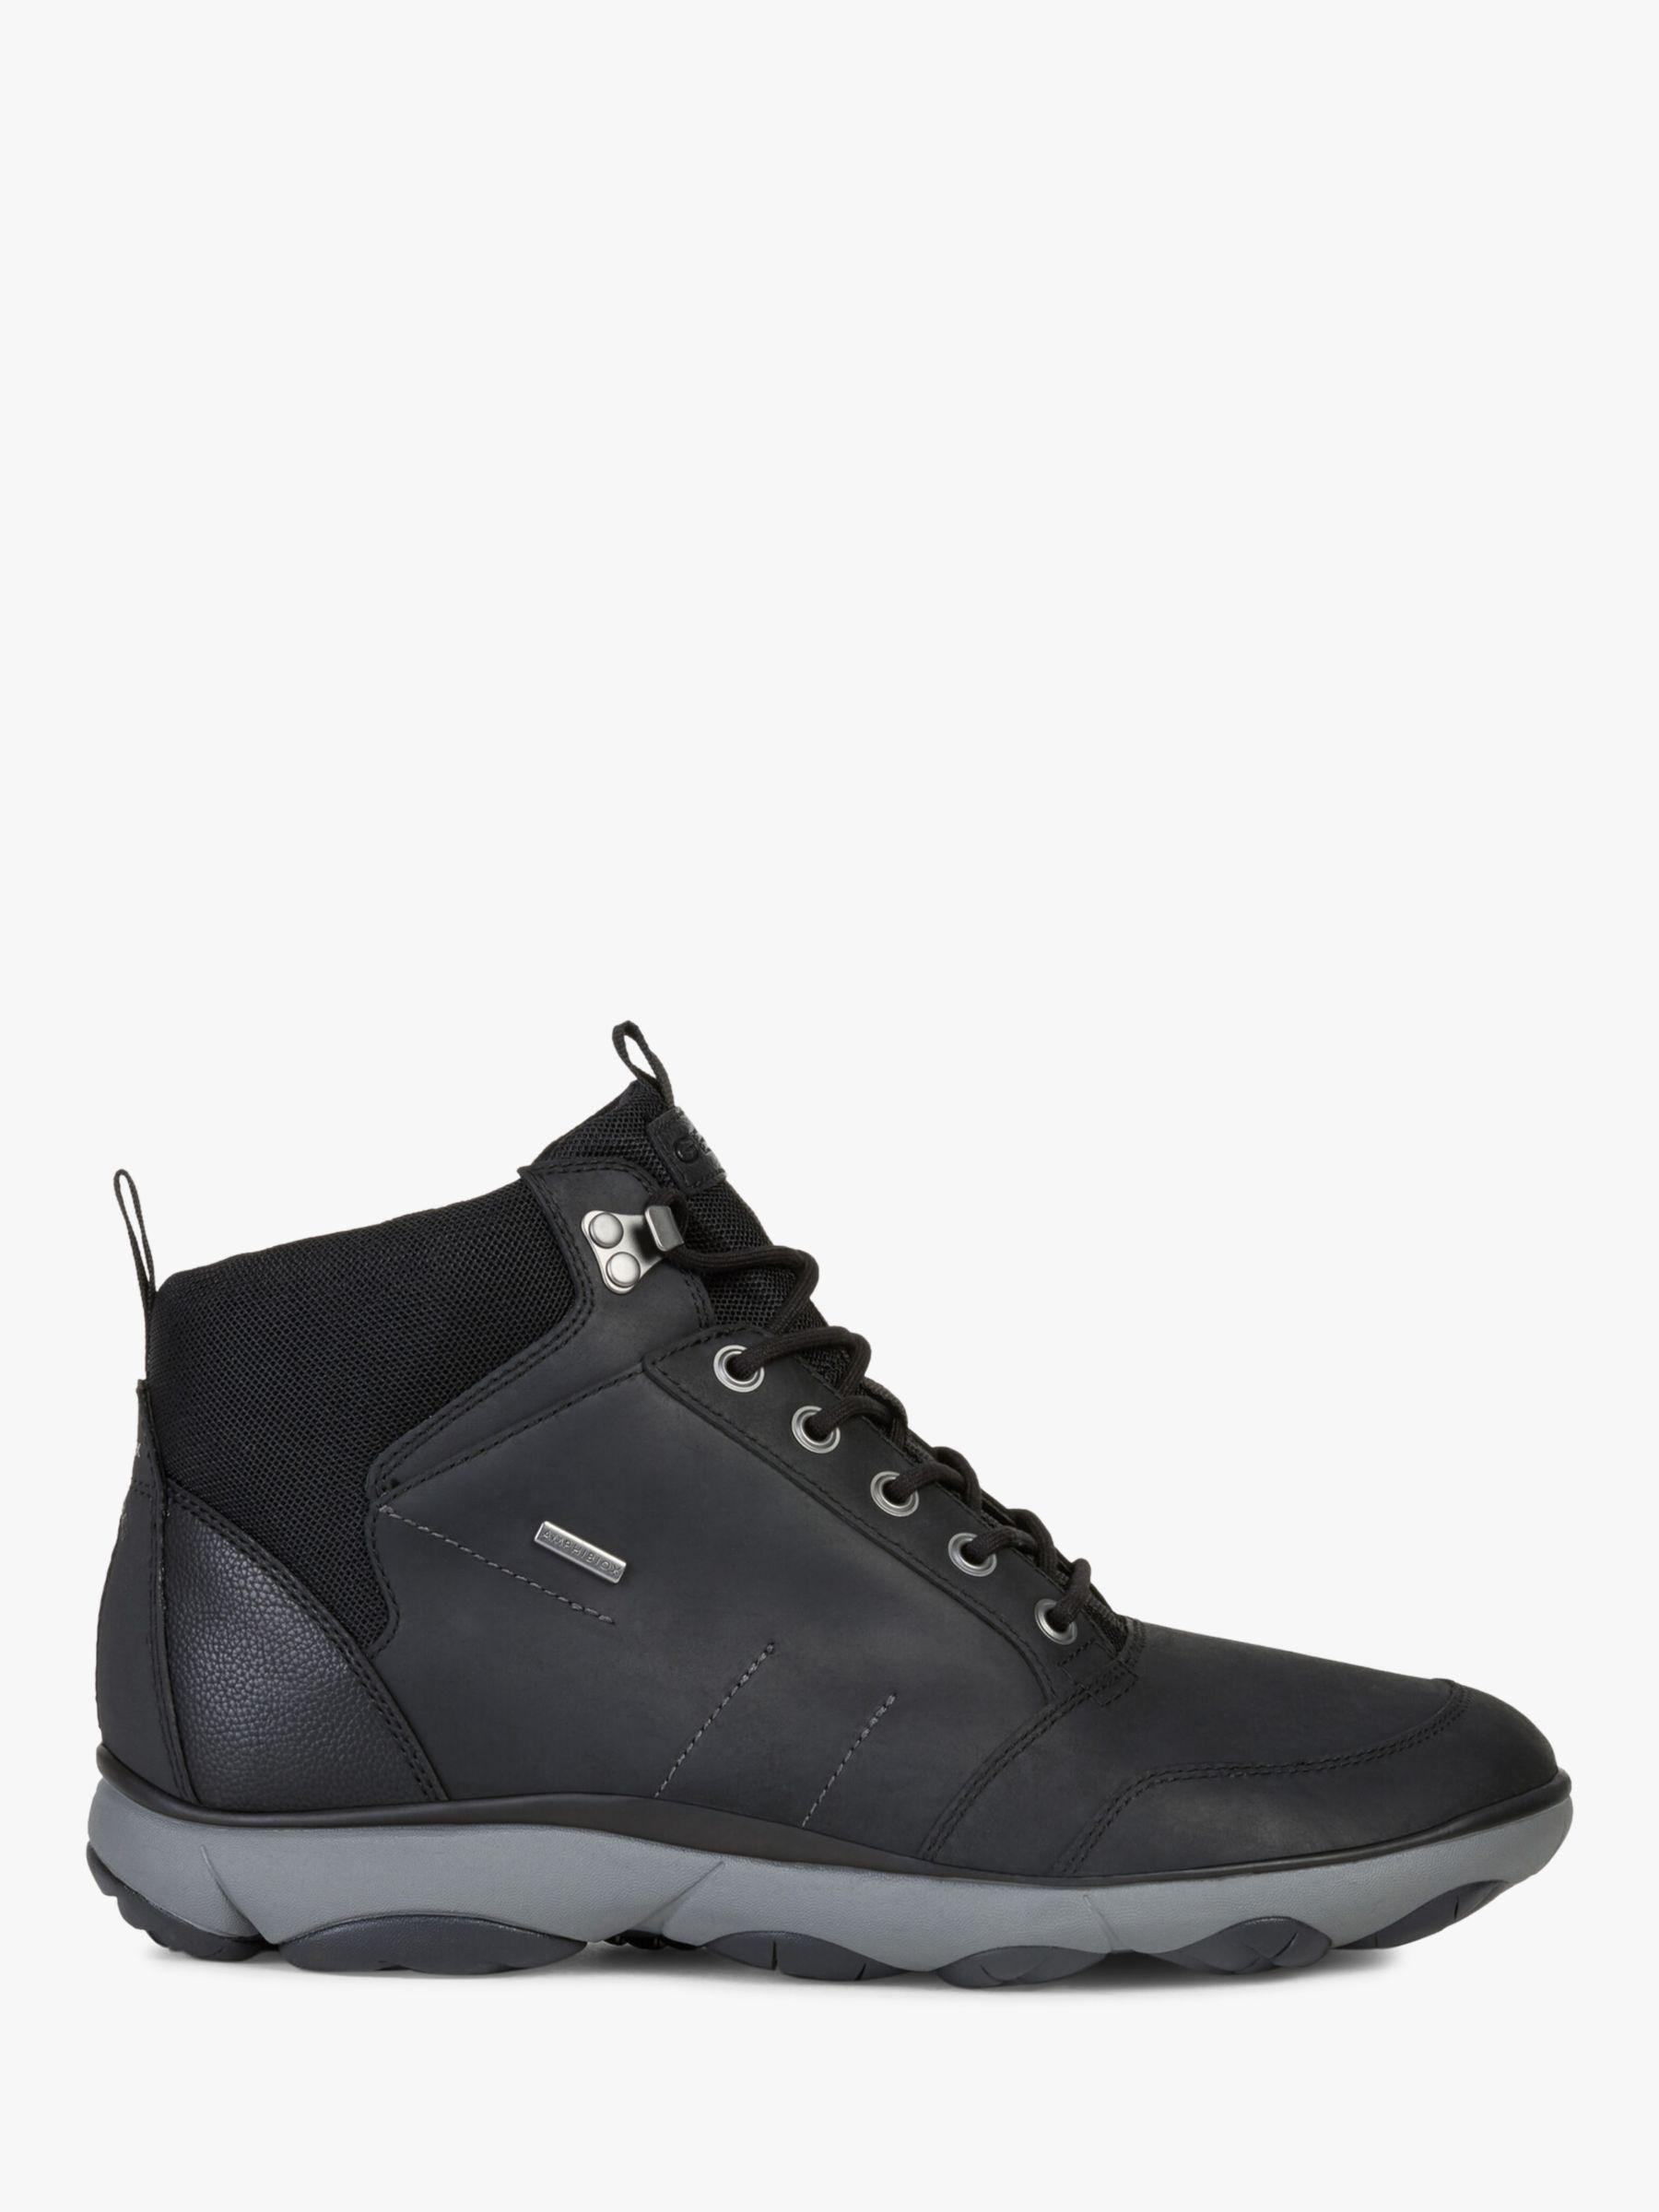 Geox Geox Nebula 4x4 ABX Ankle Boots, Black